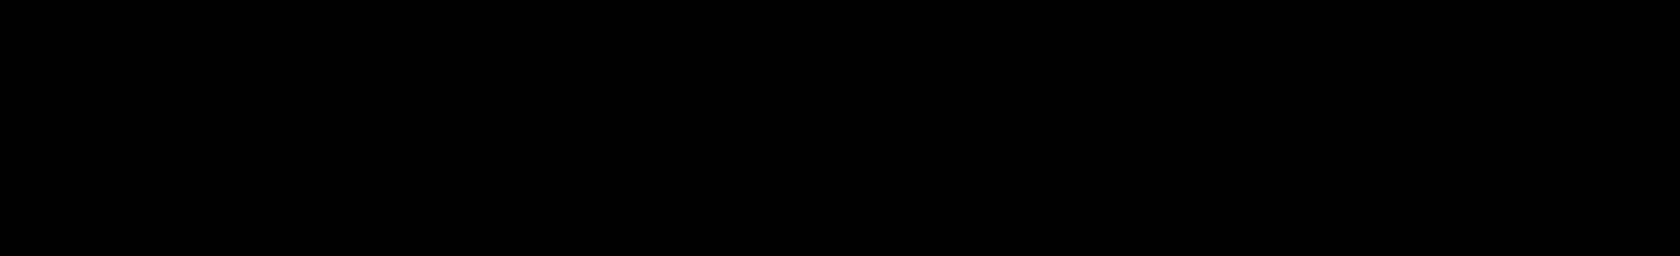 GR-Советник